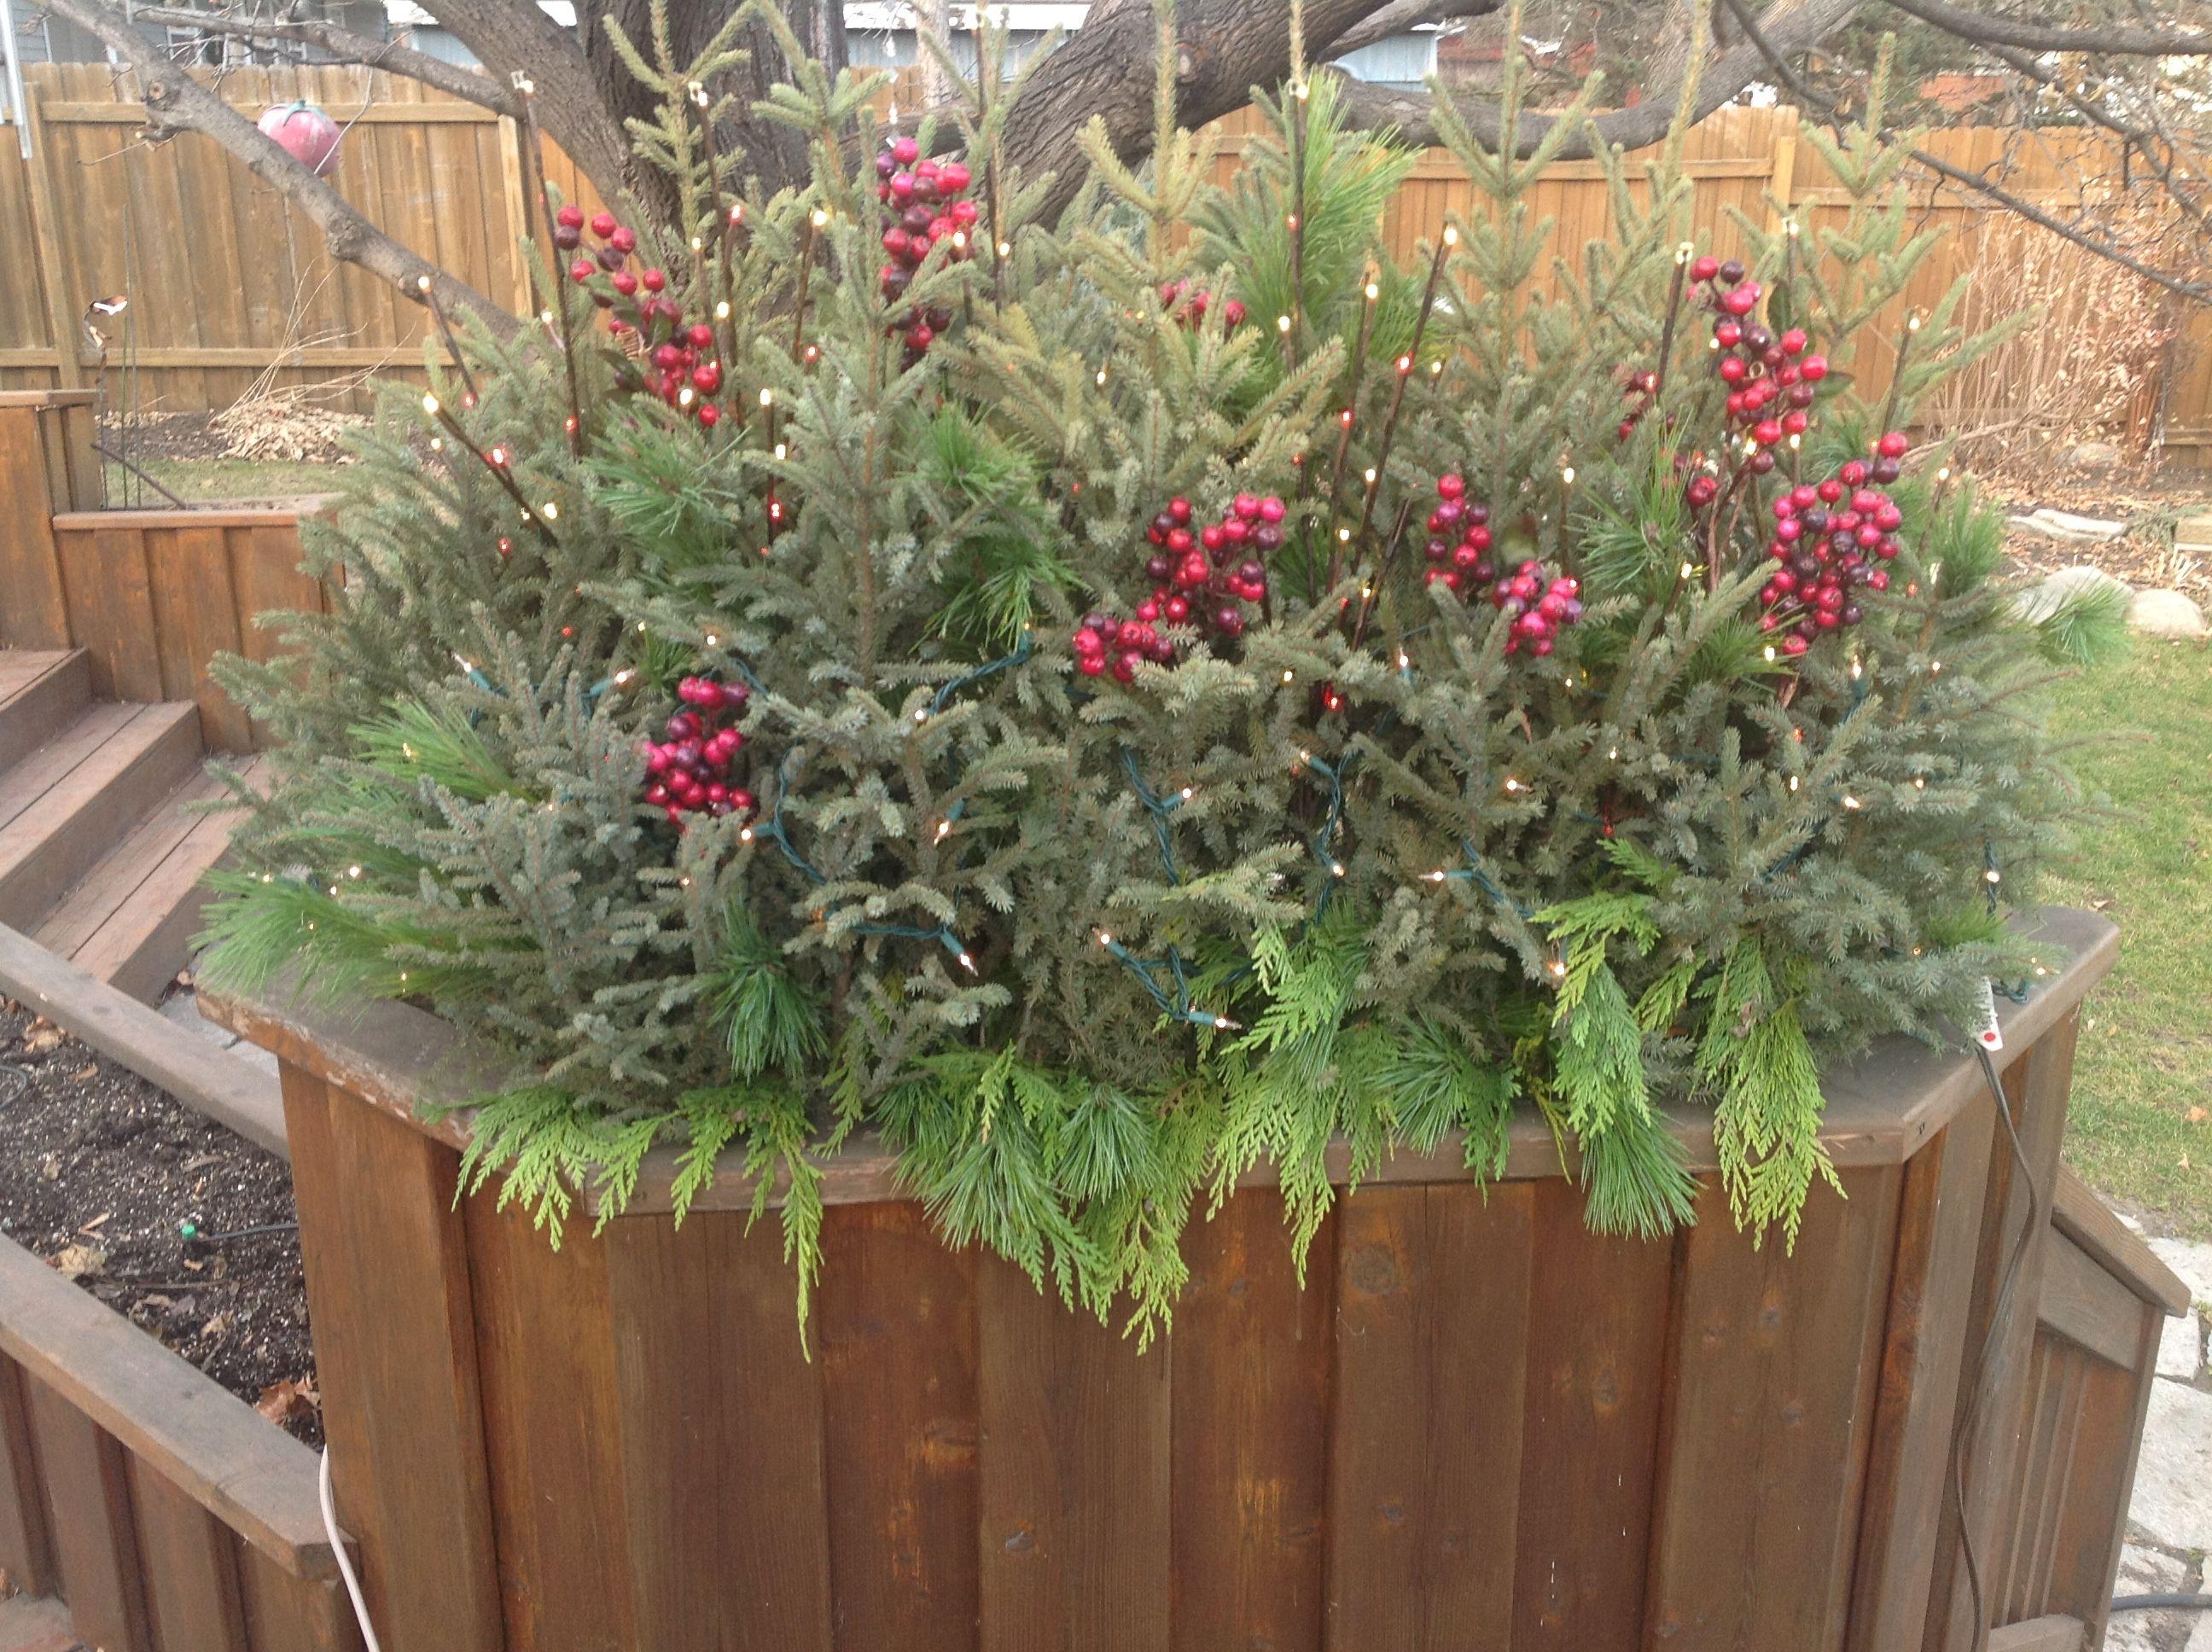 Winter Gardening is the best no watering:-)))